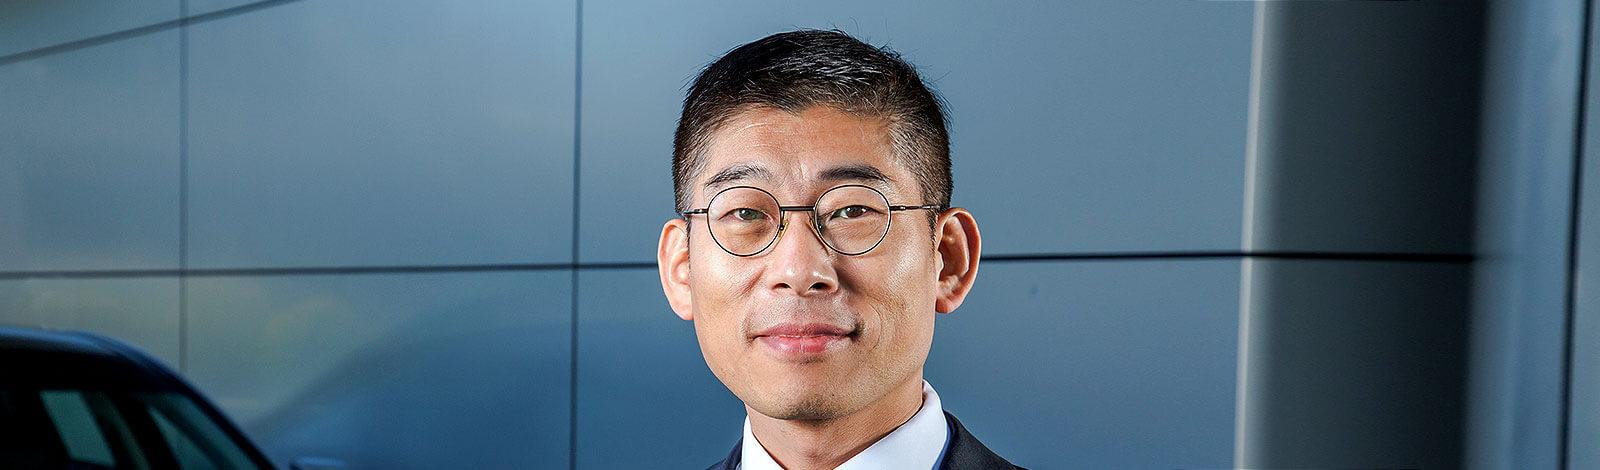 New CEO for Hyundai in Australia